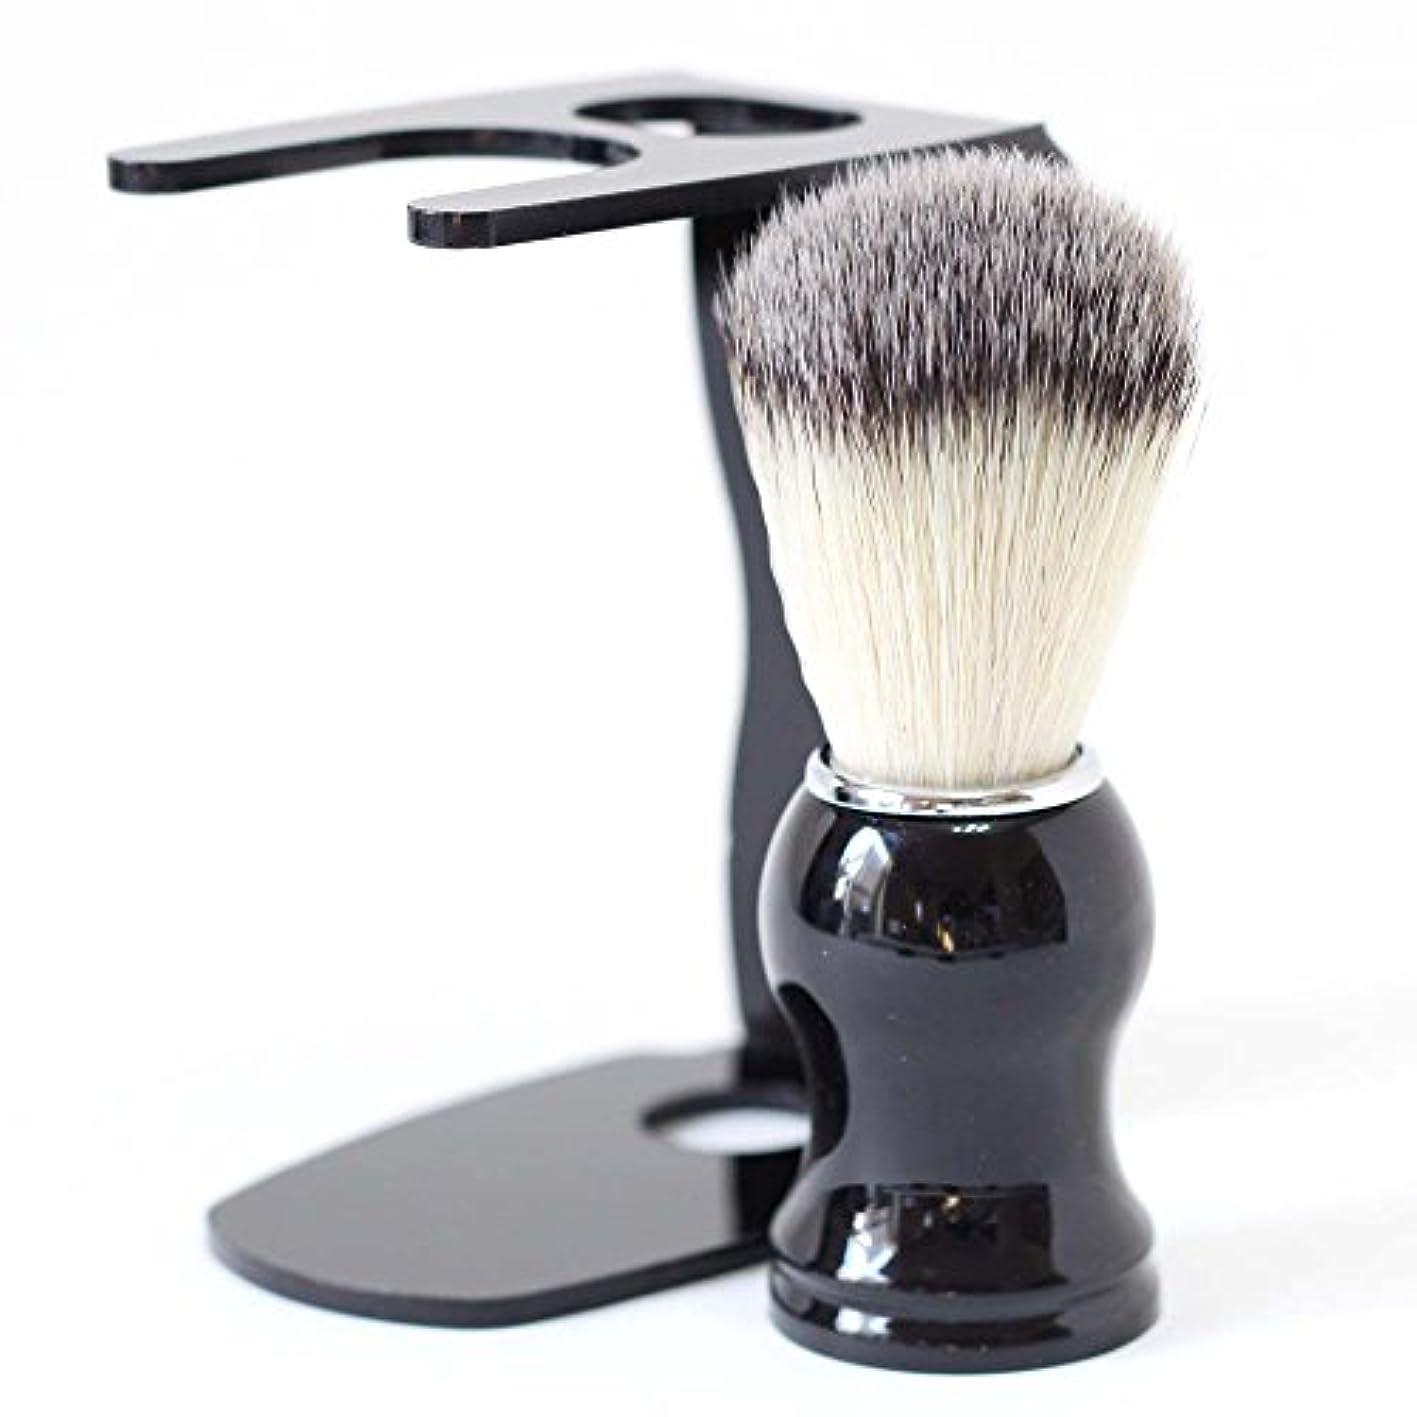 あいさつ変化する開梱【Barsado】泡立ちが違う 100% アナグマ 毛 シェービング ブラシ スタンド付き/理容 洗顔 髭剃り マッサージ 効果